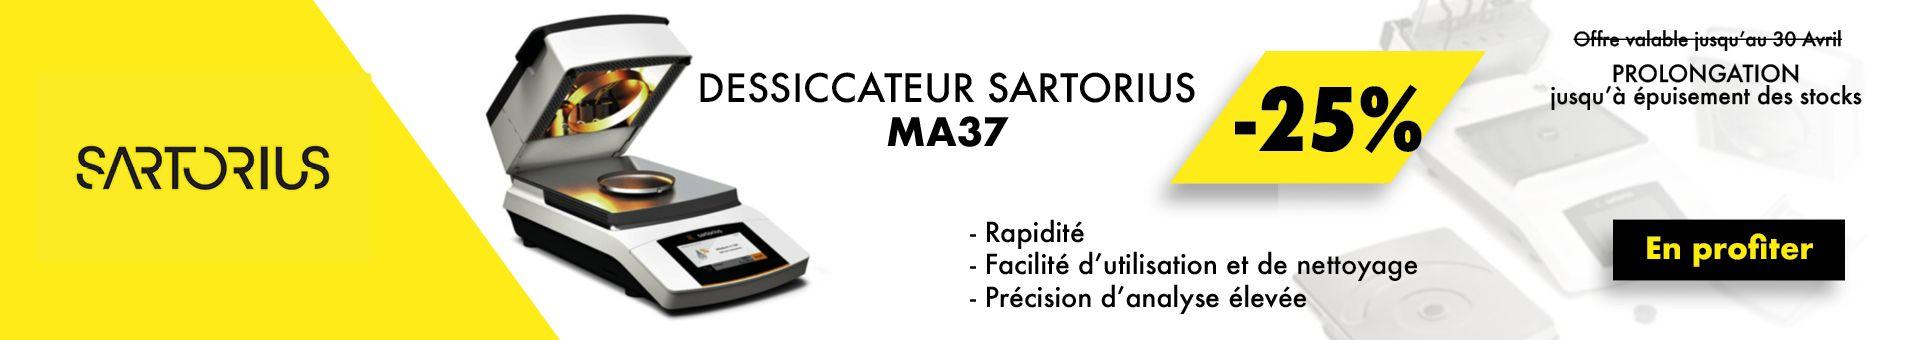 Dessiccateur-Sartorius